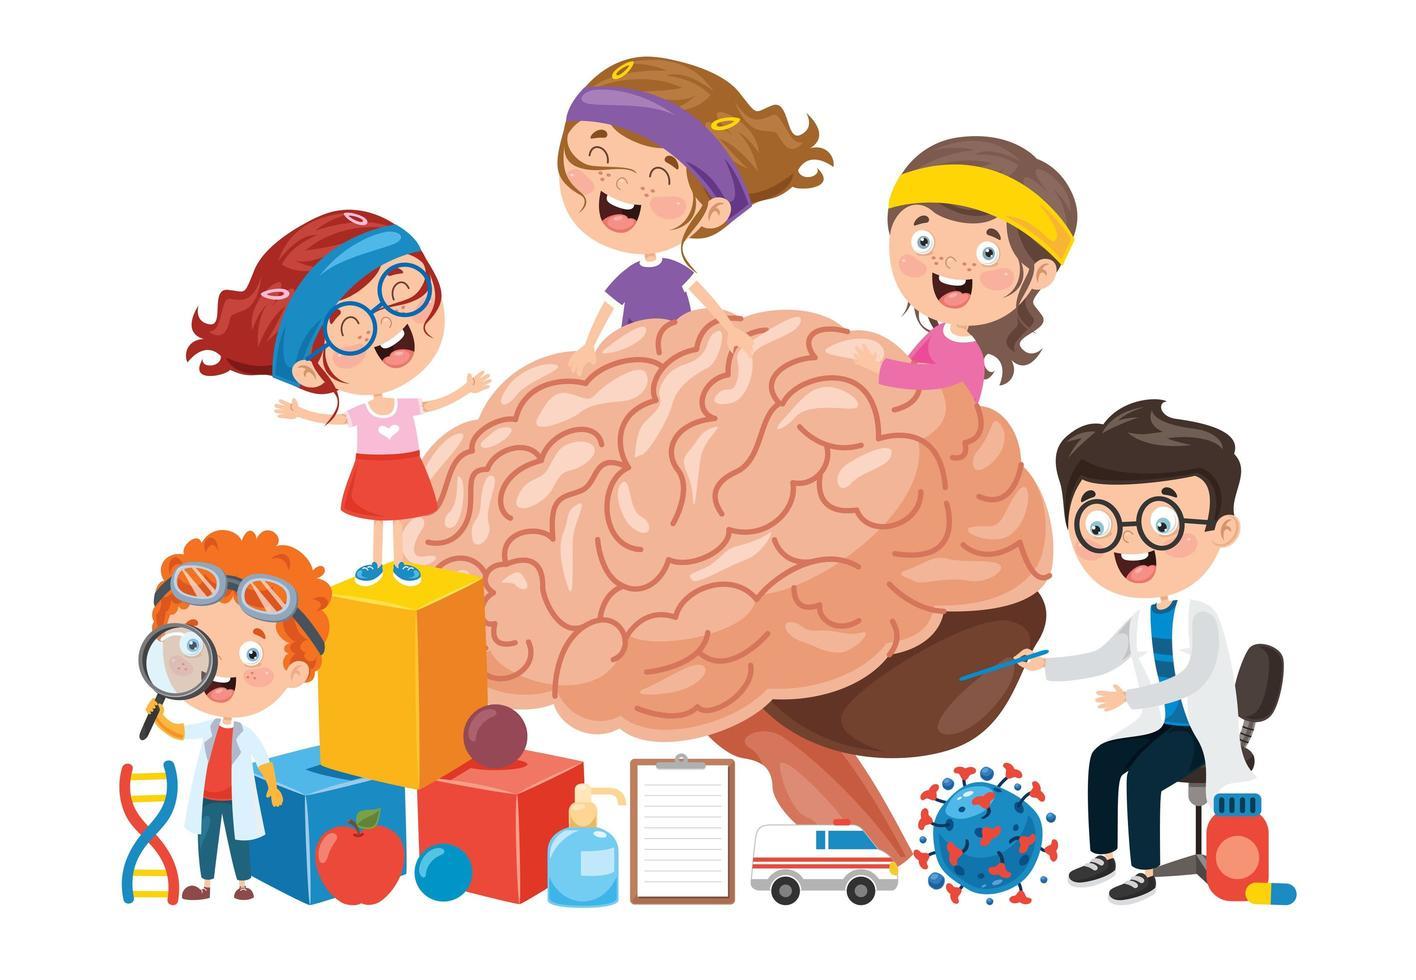 concetto di cartone animato del cervello umano e dei bambini vettore